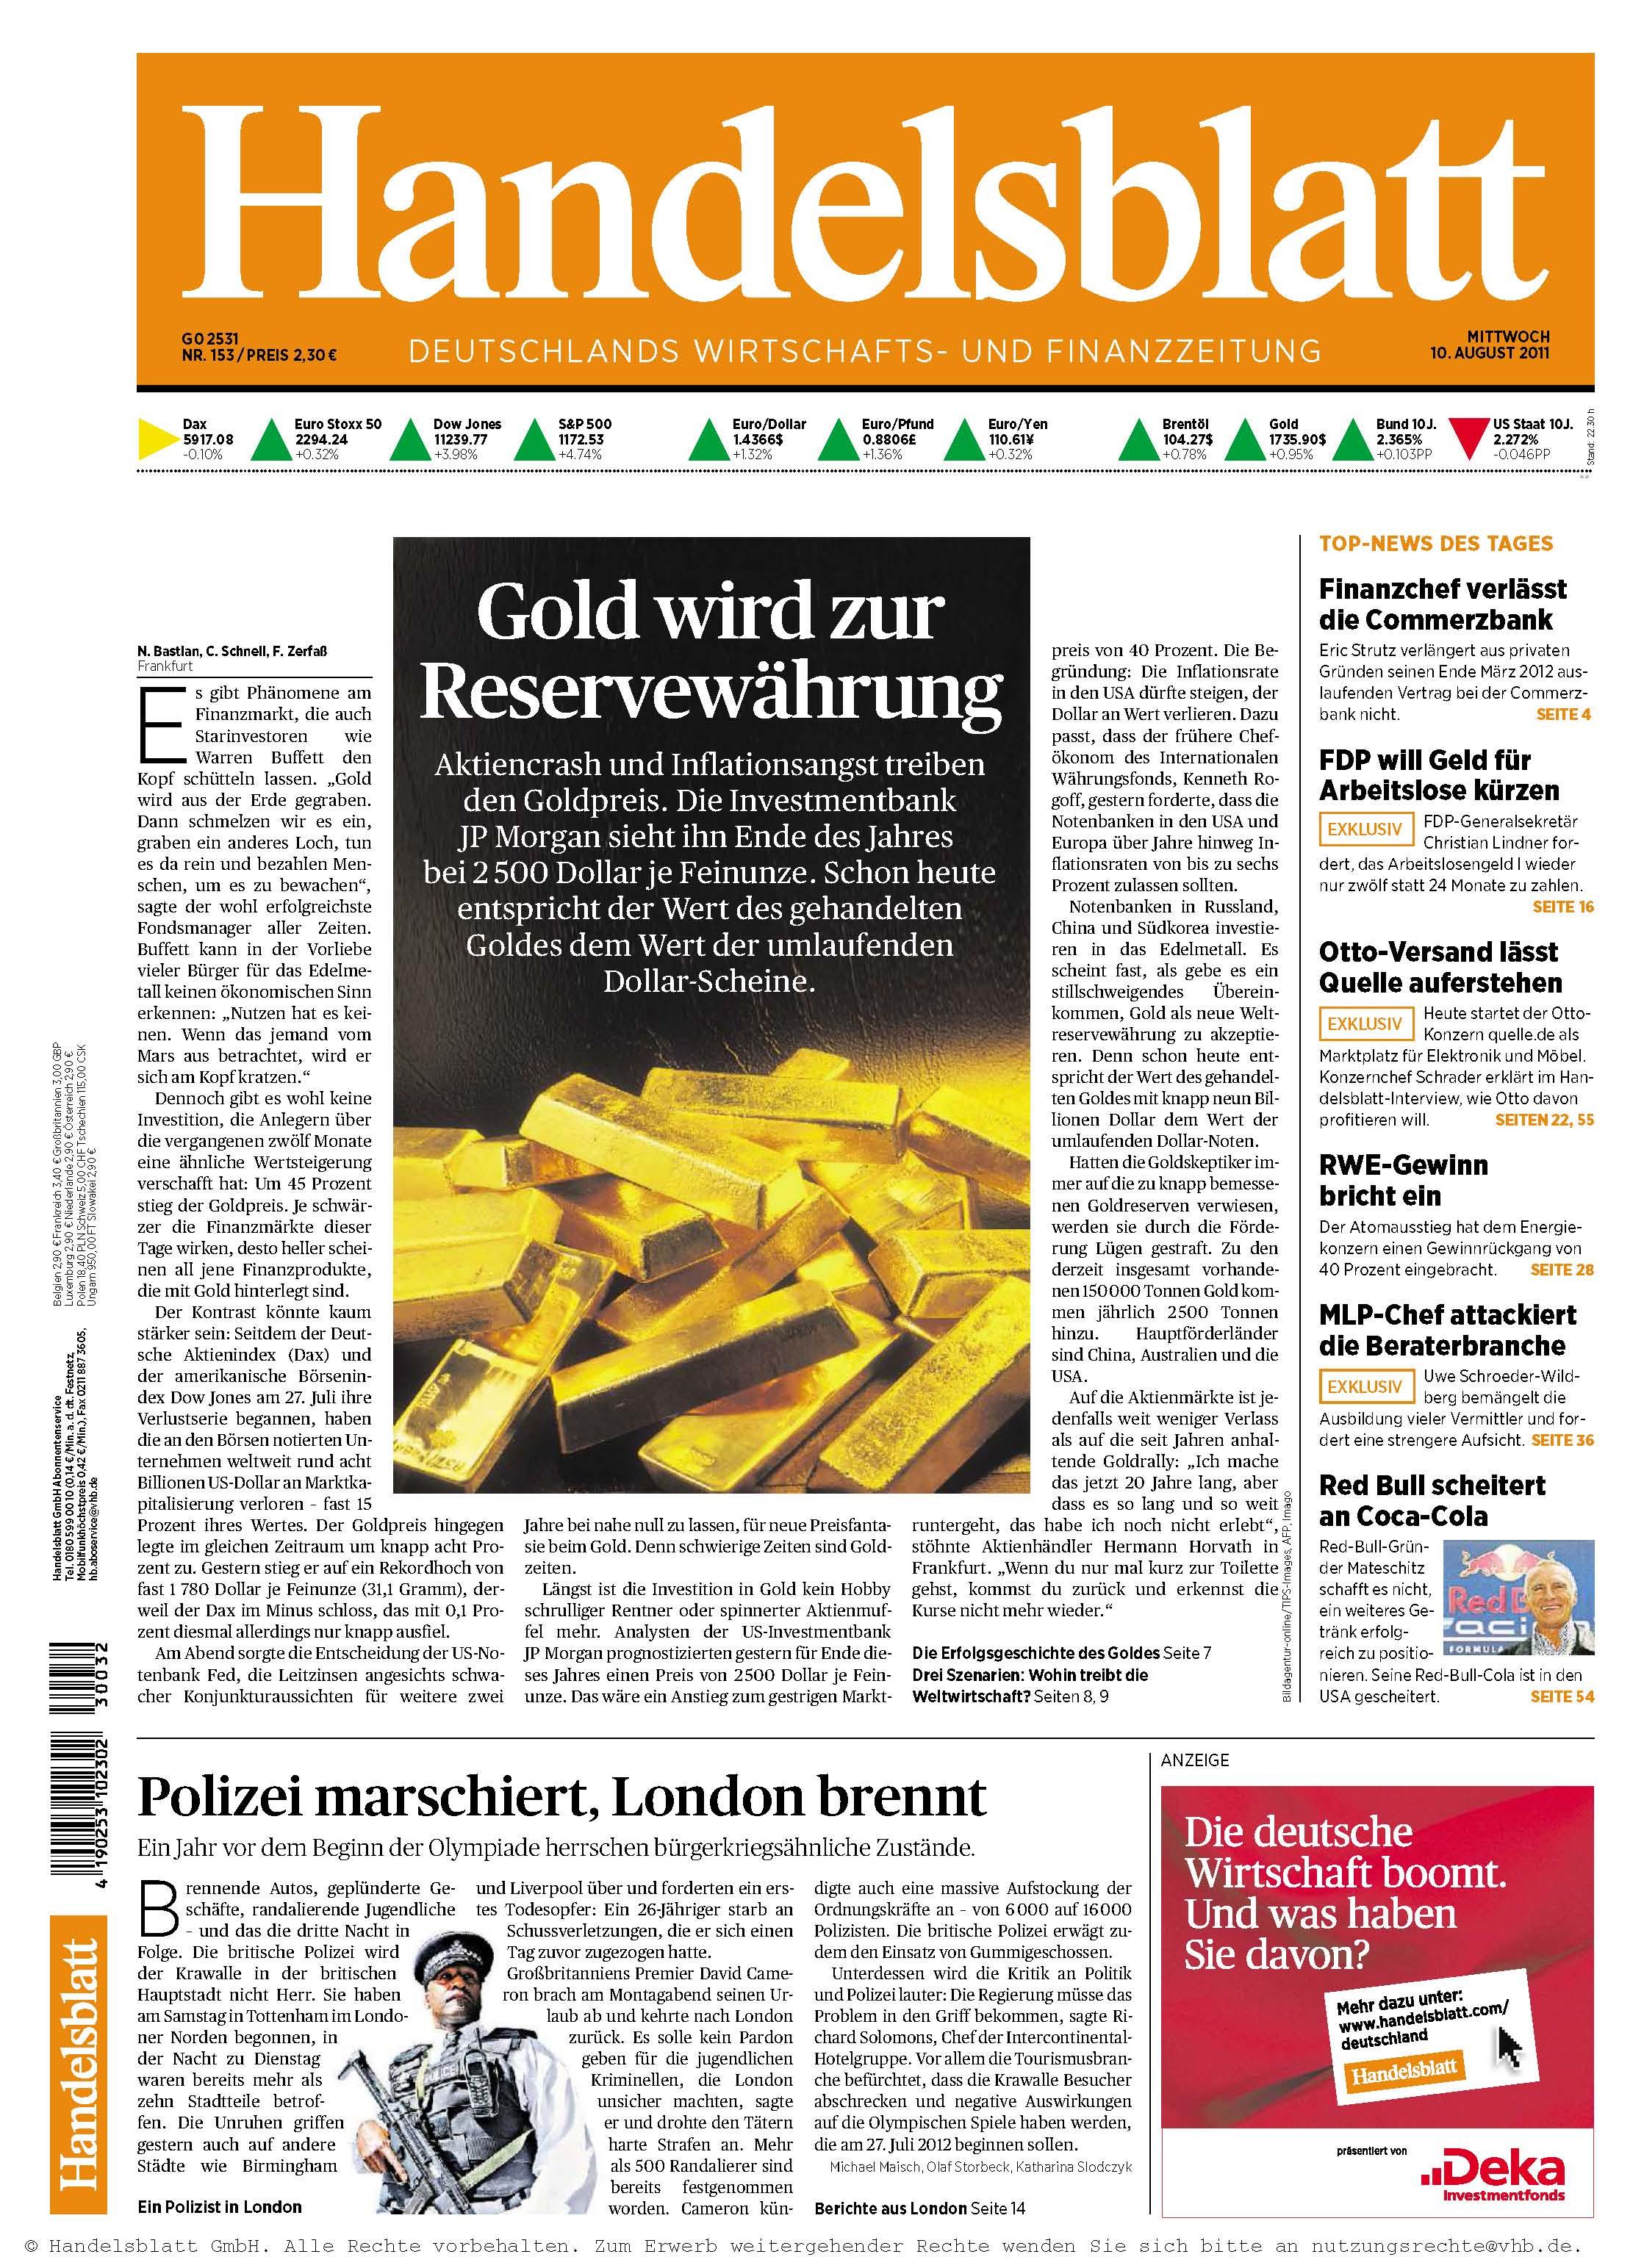 Handelsblatt Nr.153 vom 10.08.2011